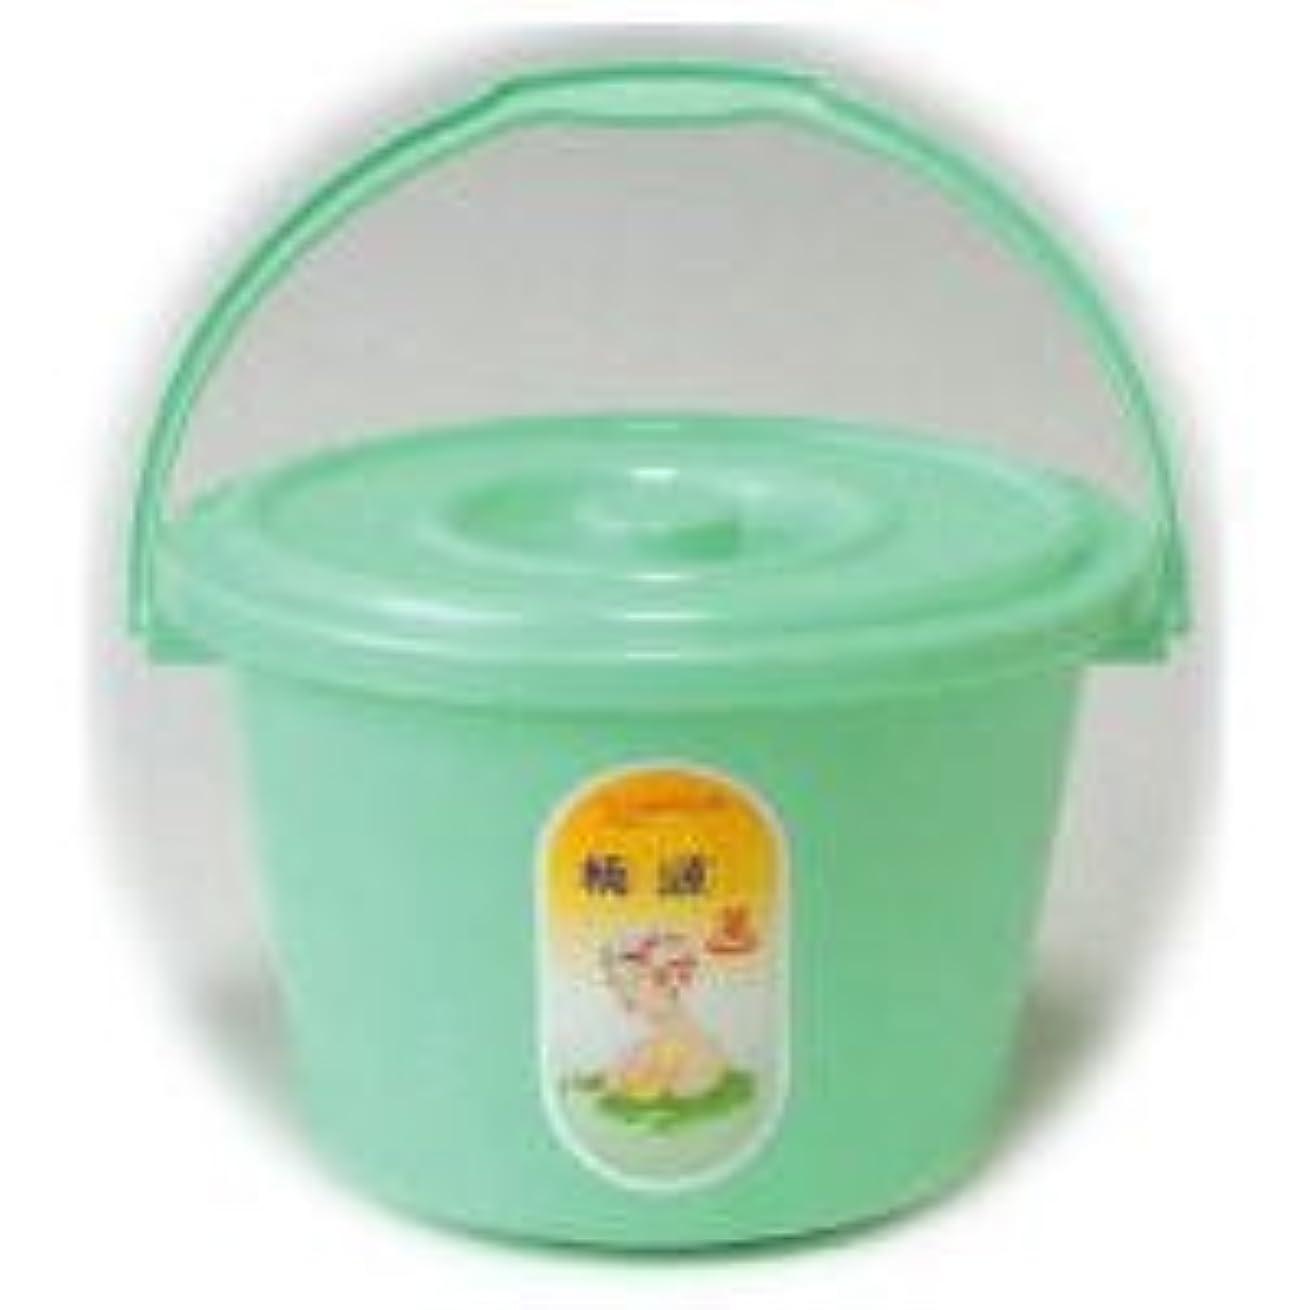 可愛い愛情満州桃源(とうげん) 桃の葉の精 4kg バケツ入り